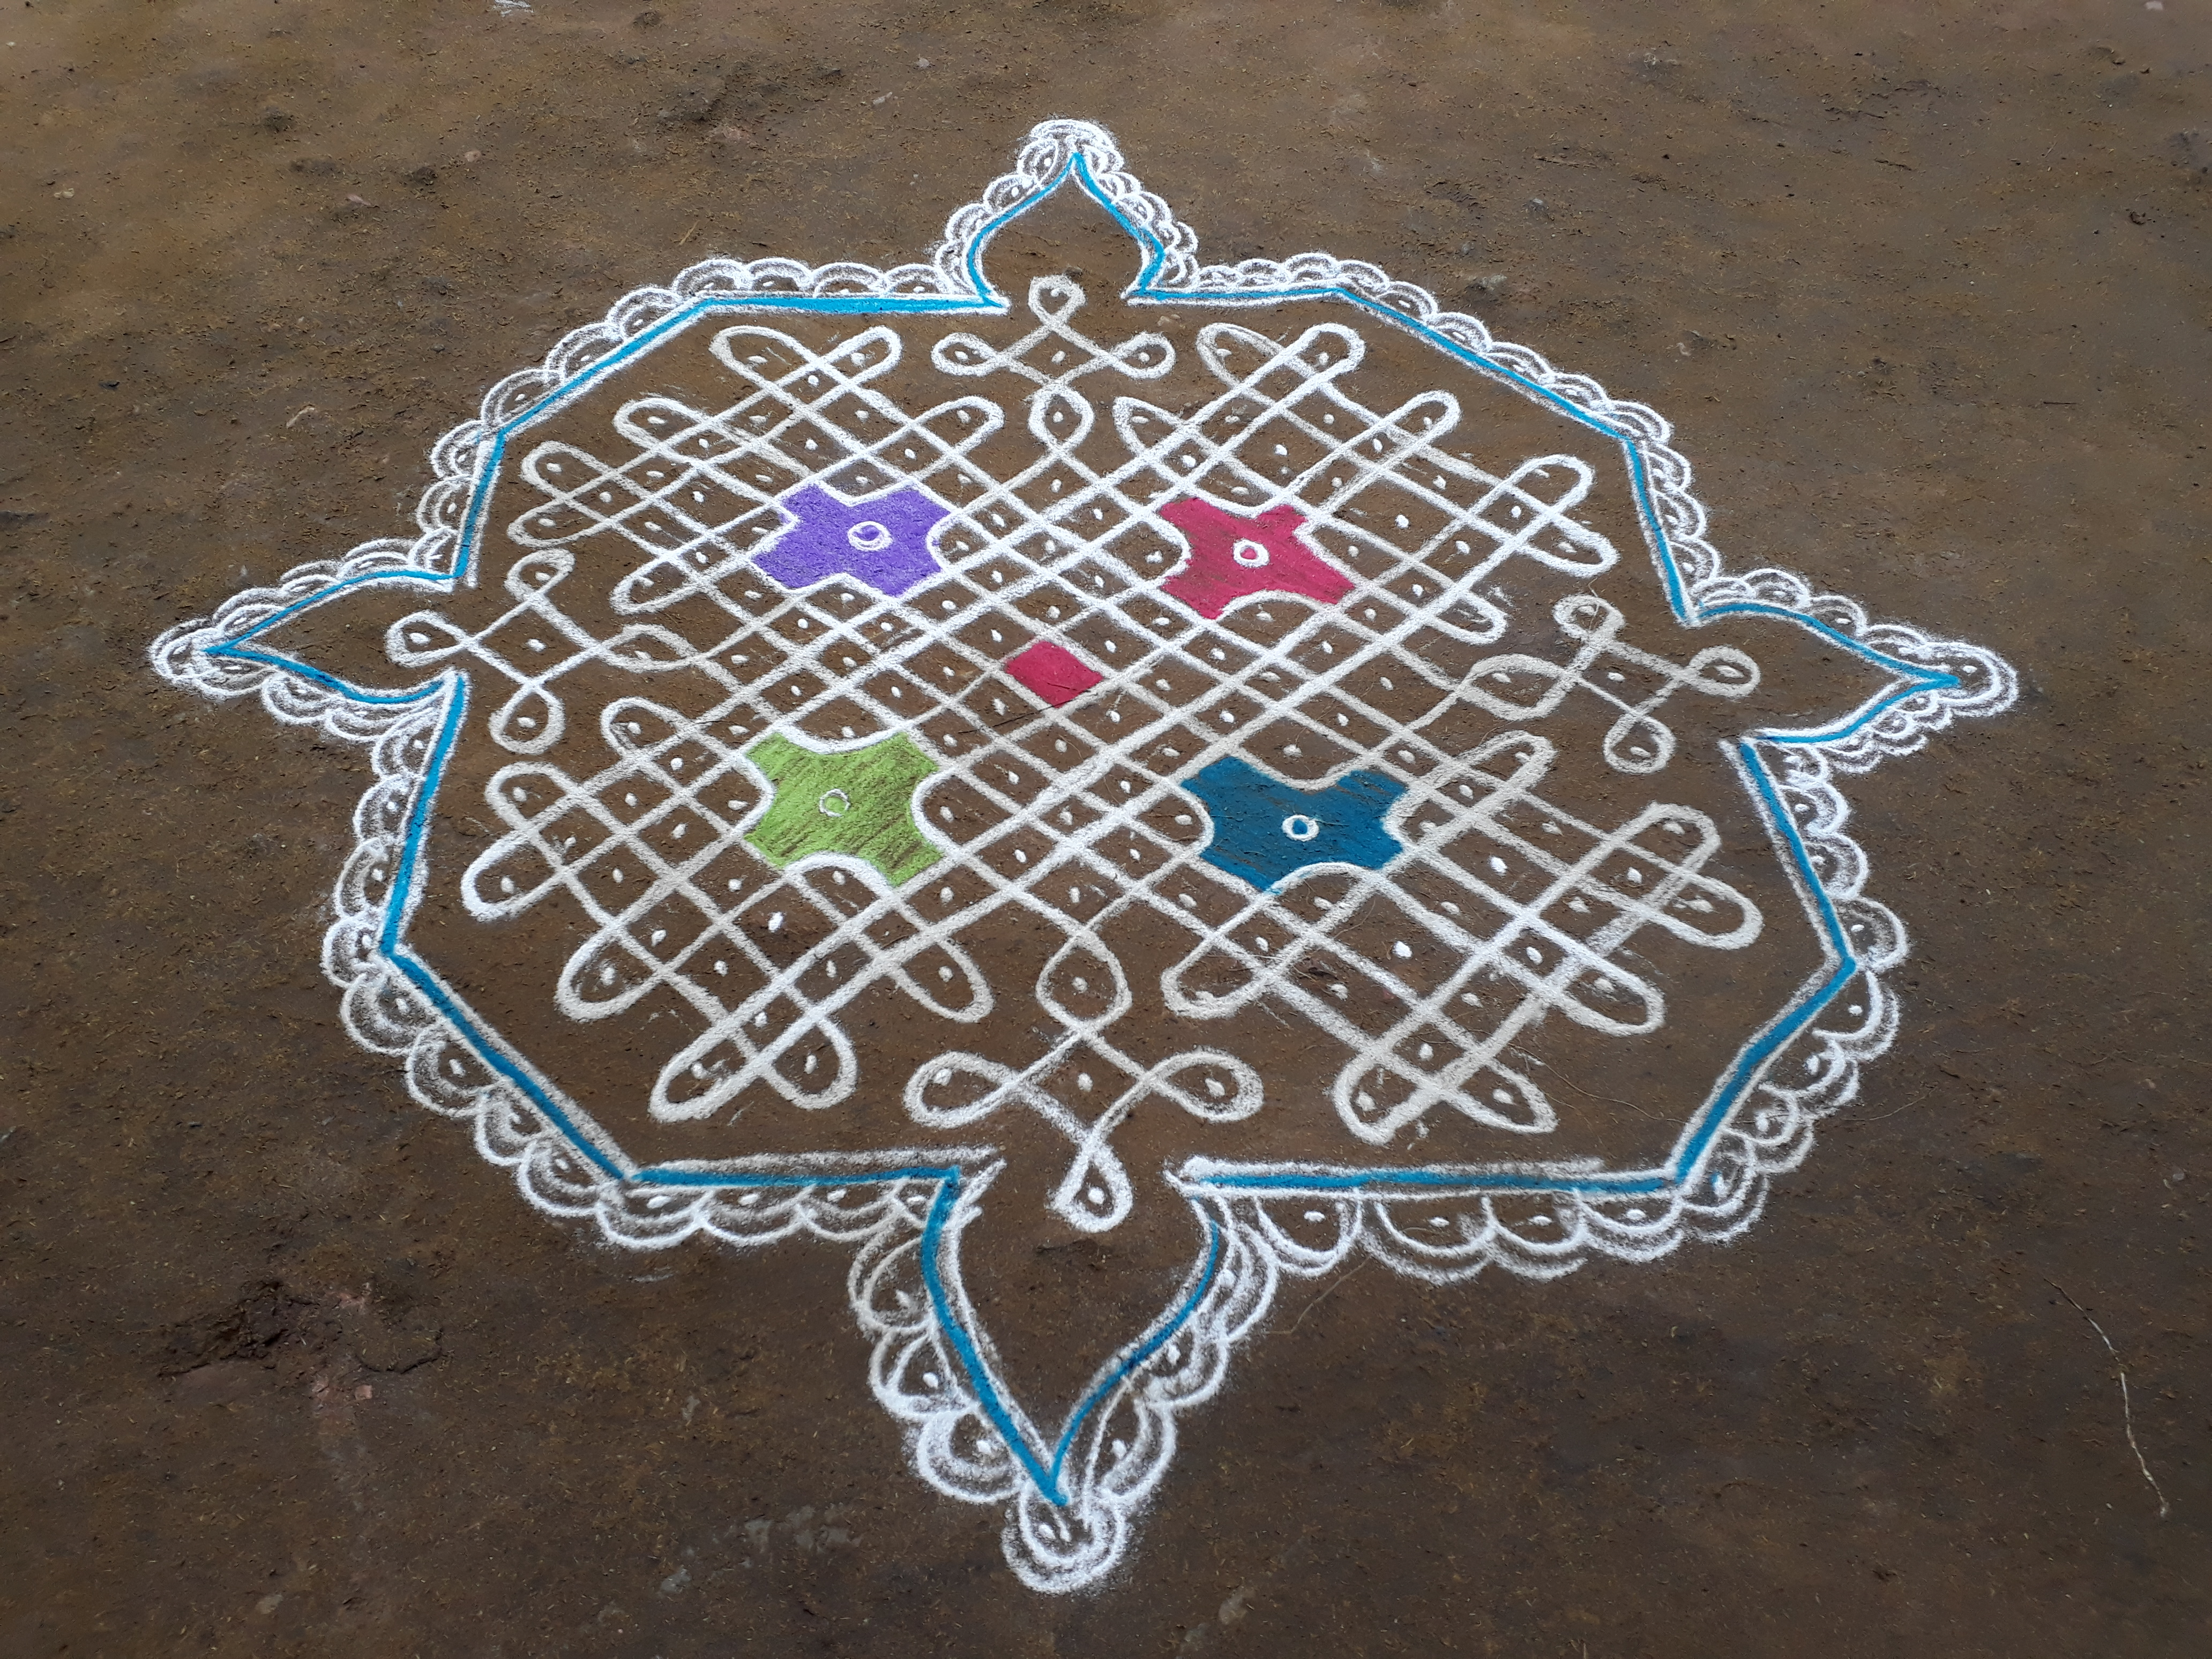 sikku kolam with 13 dots